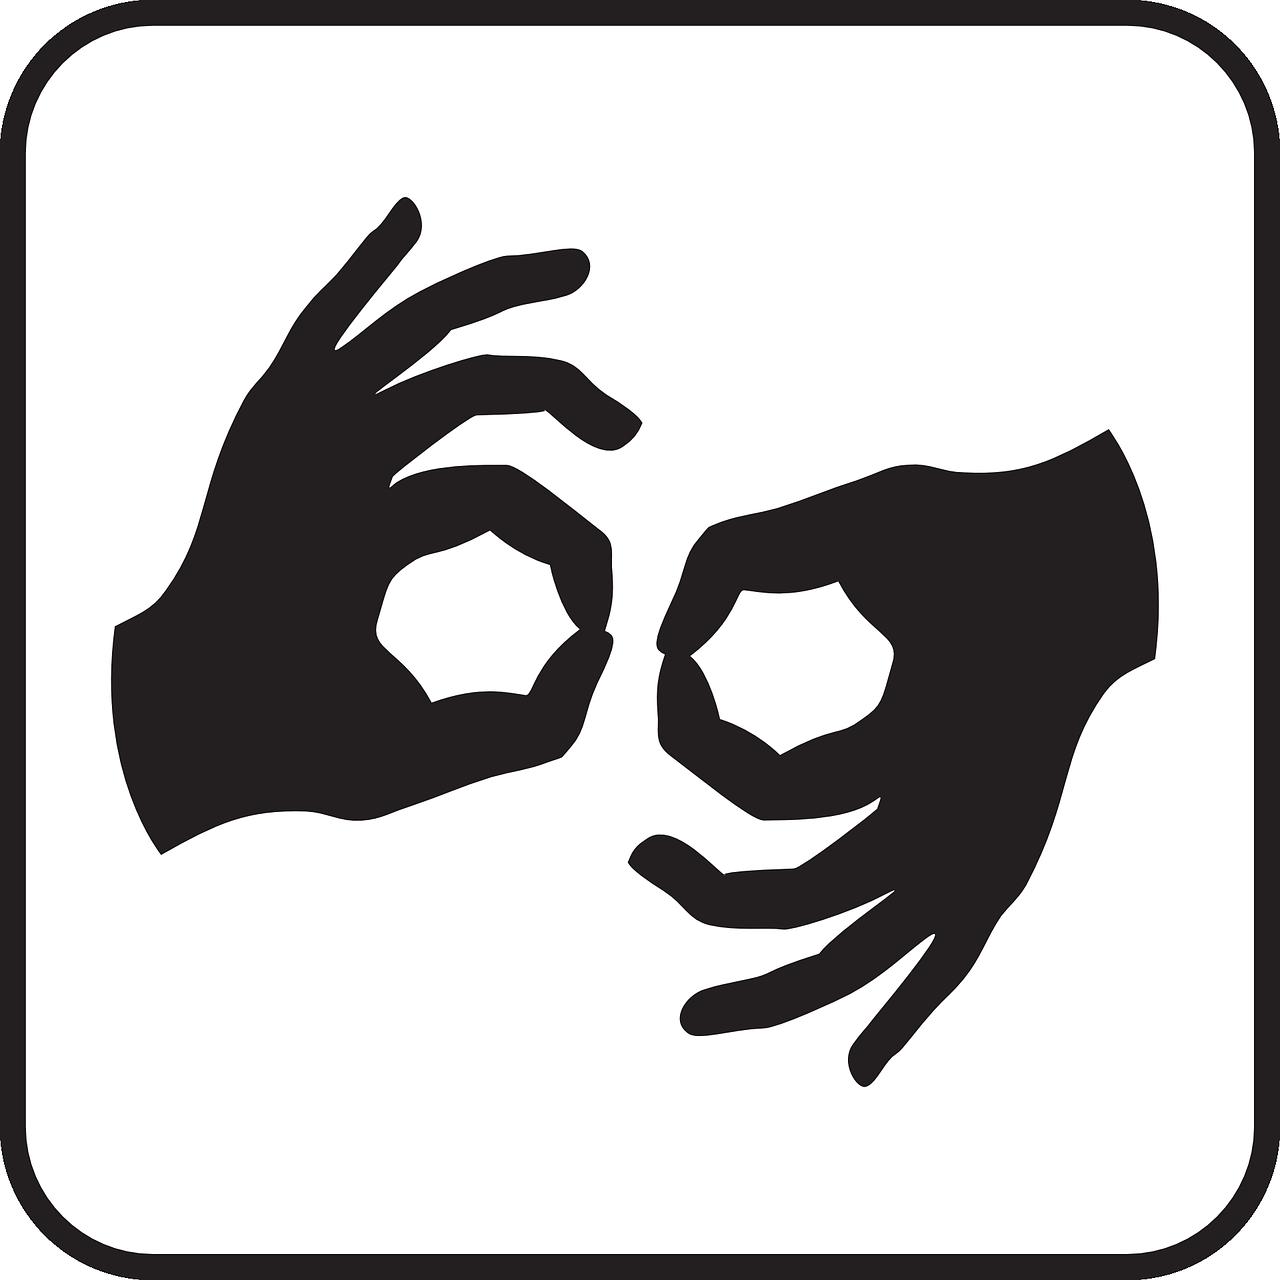 картинки символами из рук художник-иллюстратор фаворский